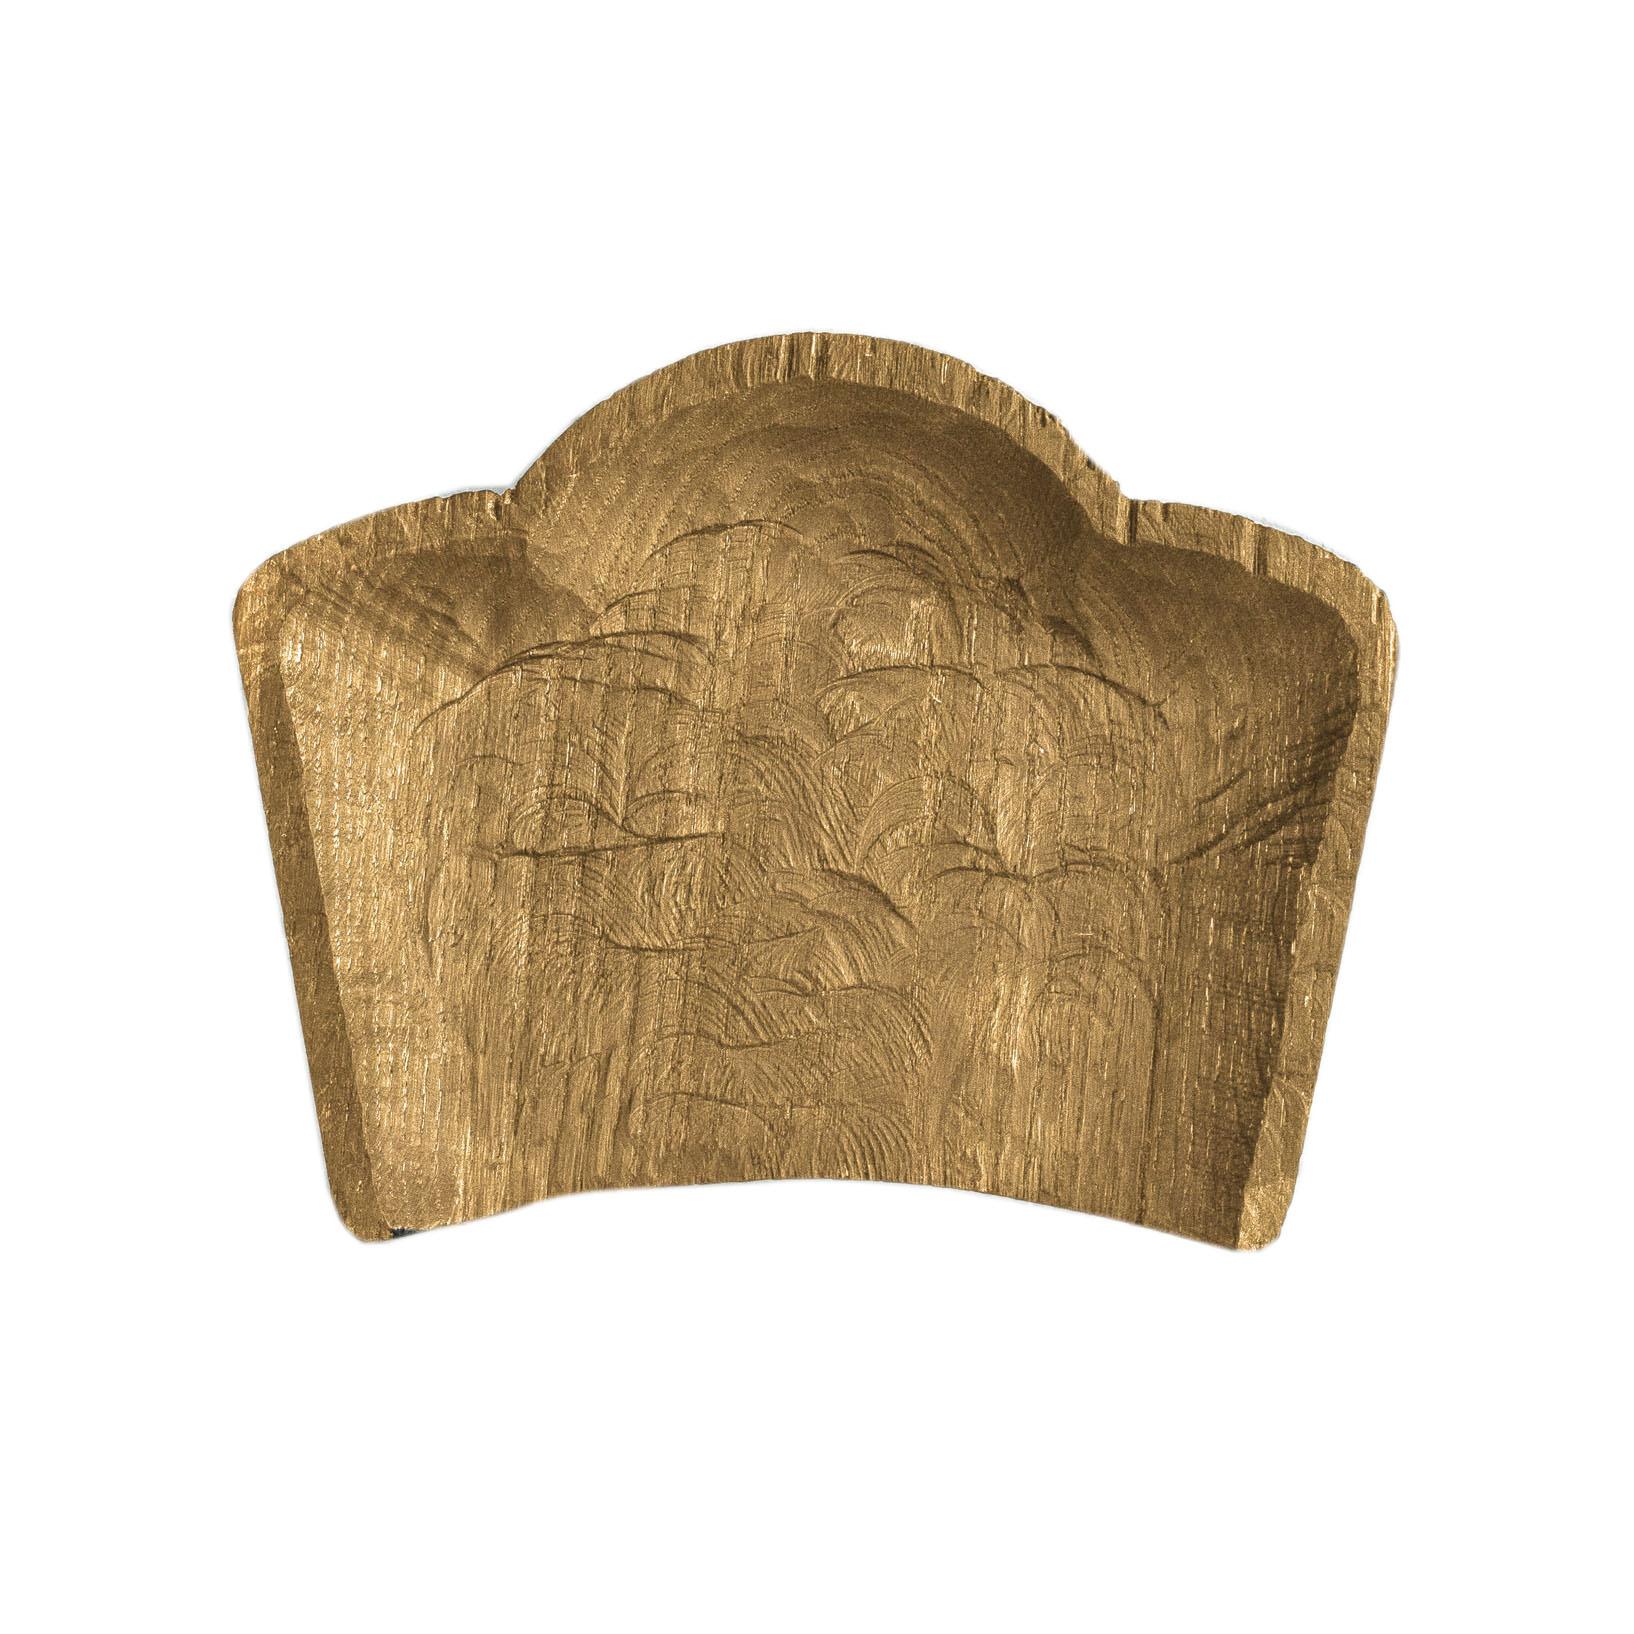 Тарелка Плато оштаДекоративные блюда<br>&amp;quot;Кика&amp;quot; - коллекция дубовых тарелок и плато для подачи, дополняющих друг друга. Сделано вручную. Покрытие: льняное масло. Плато можно использовать как поднос или предмет для сервировки еды. При необходимости можно обновлять покрытие, протерев поверхность тряпочкой, смоченной льняным маслом. После влажной обработки его нужно протирать полотенцем. Плато не предназначено для длительного хранения жидкостей. Из-за специфики ручного труда все предметы отличаются друг от друга<br><br>Material: Дуб<br>Length см: 27<br>Width см: 34